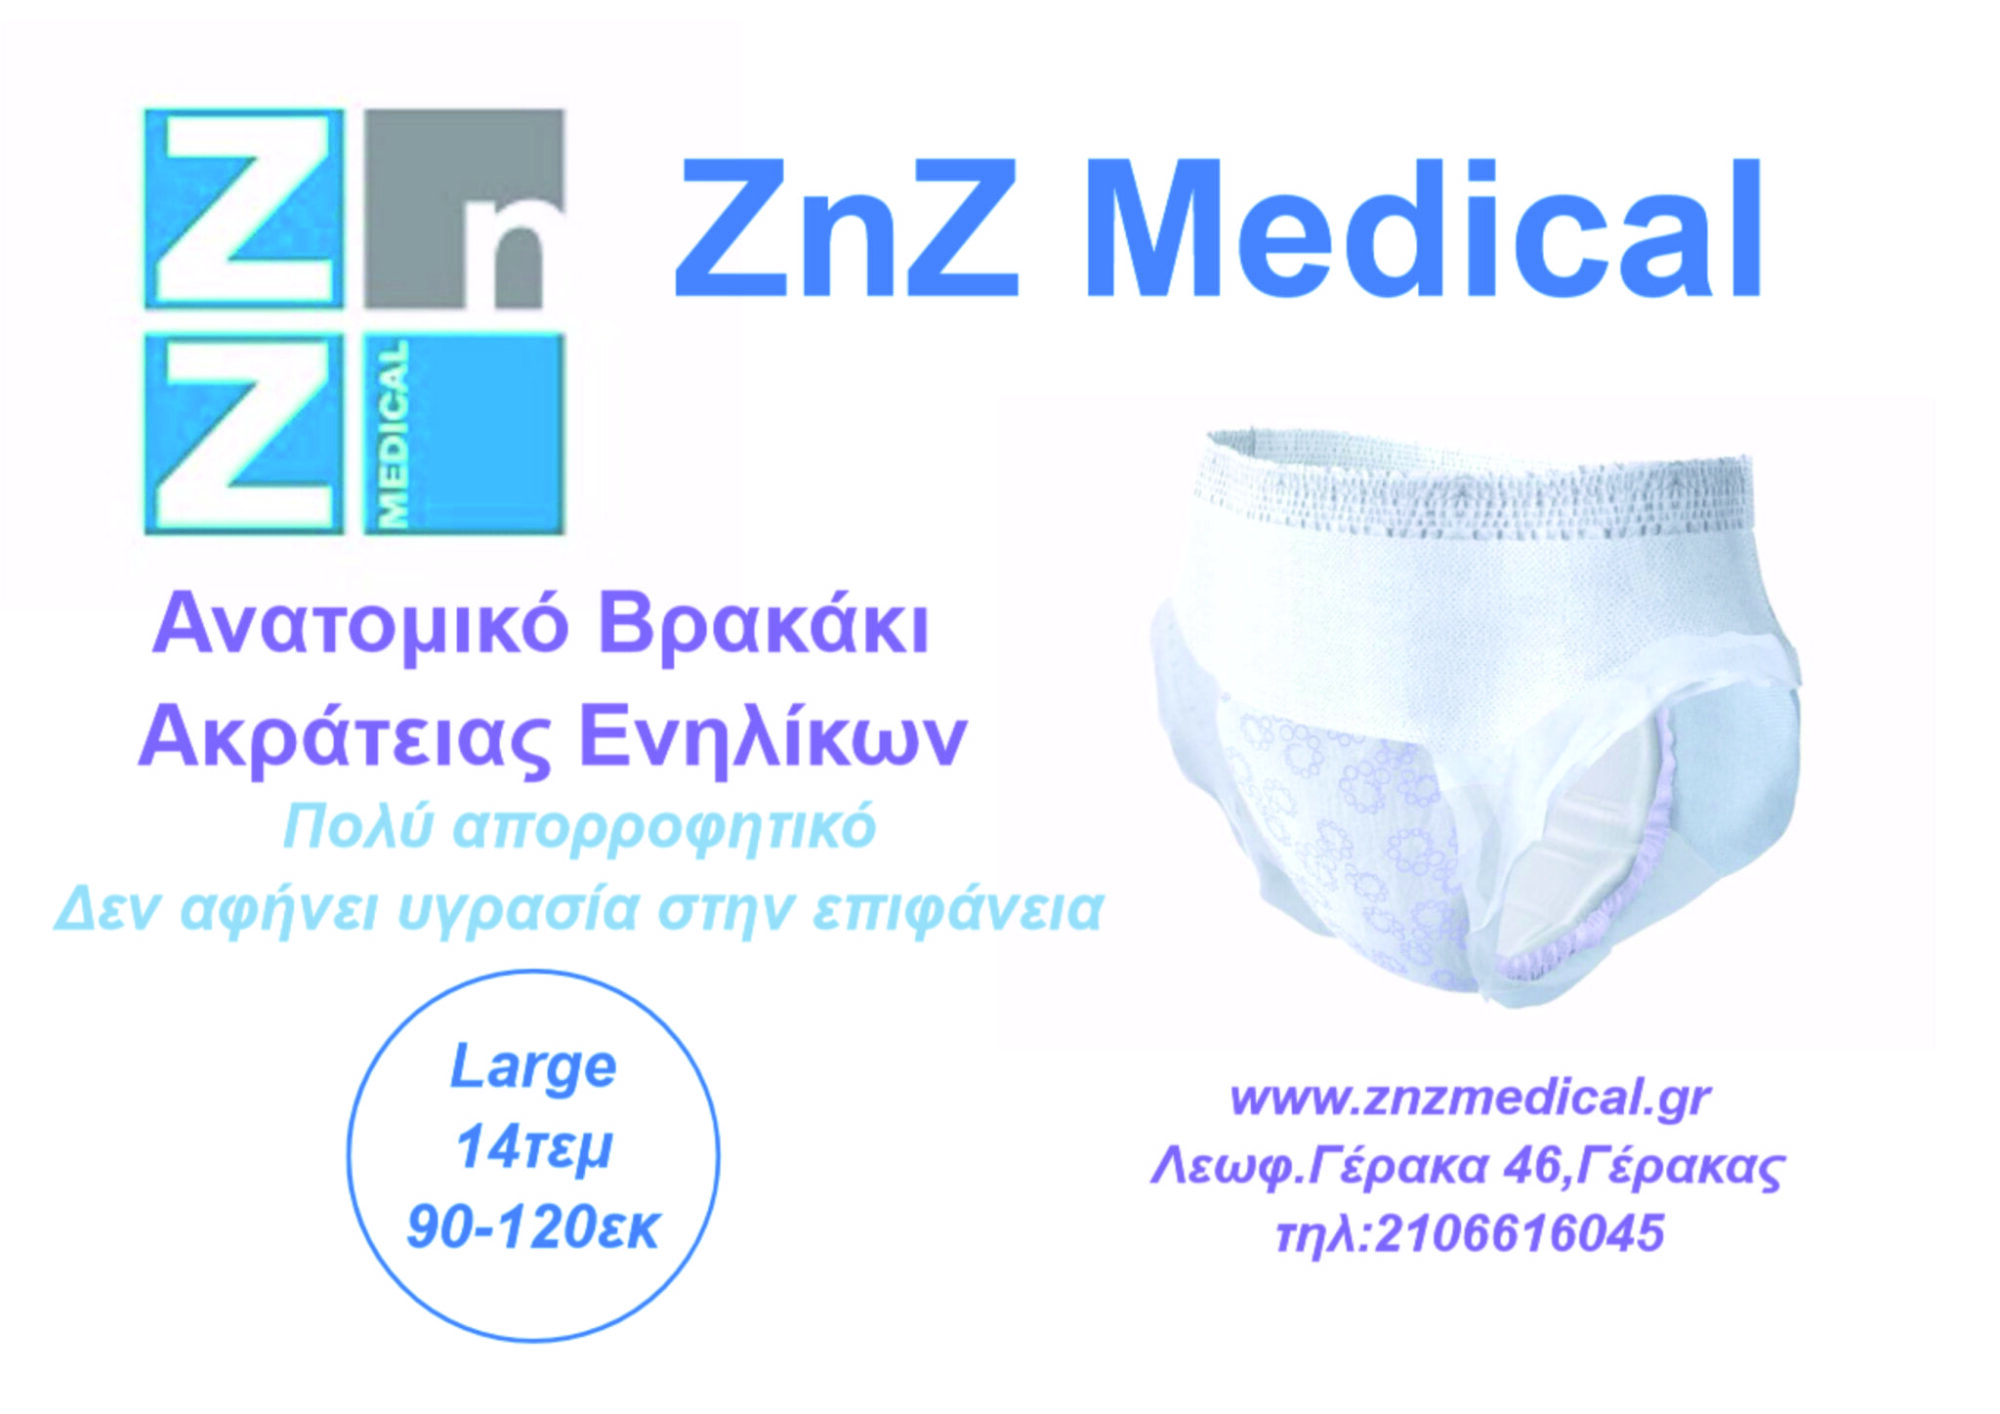 panes_akrateias_znzmedical